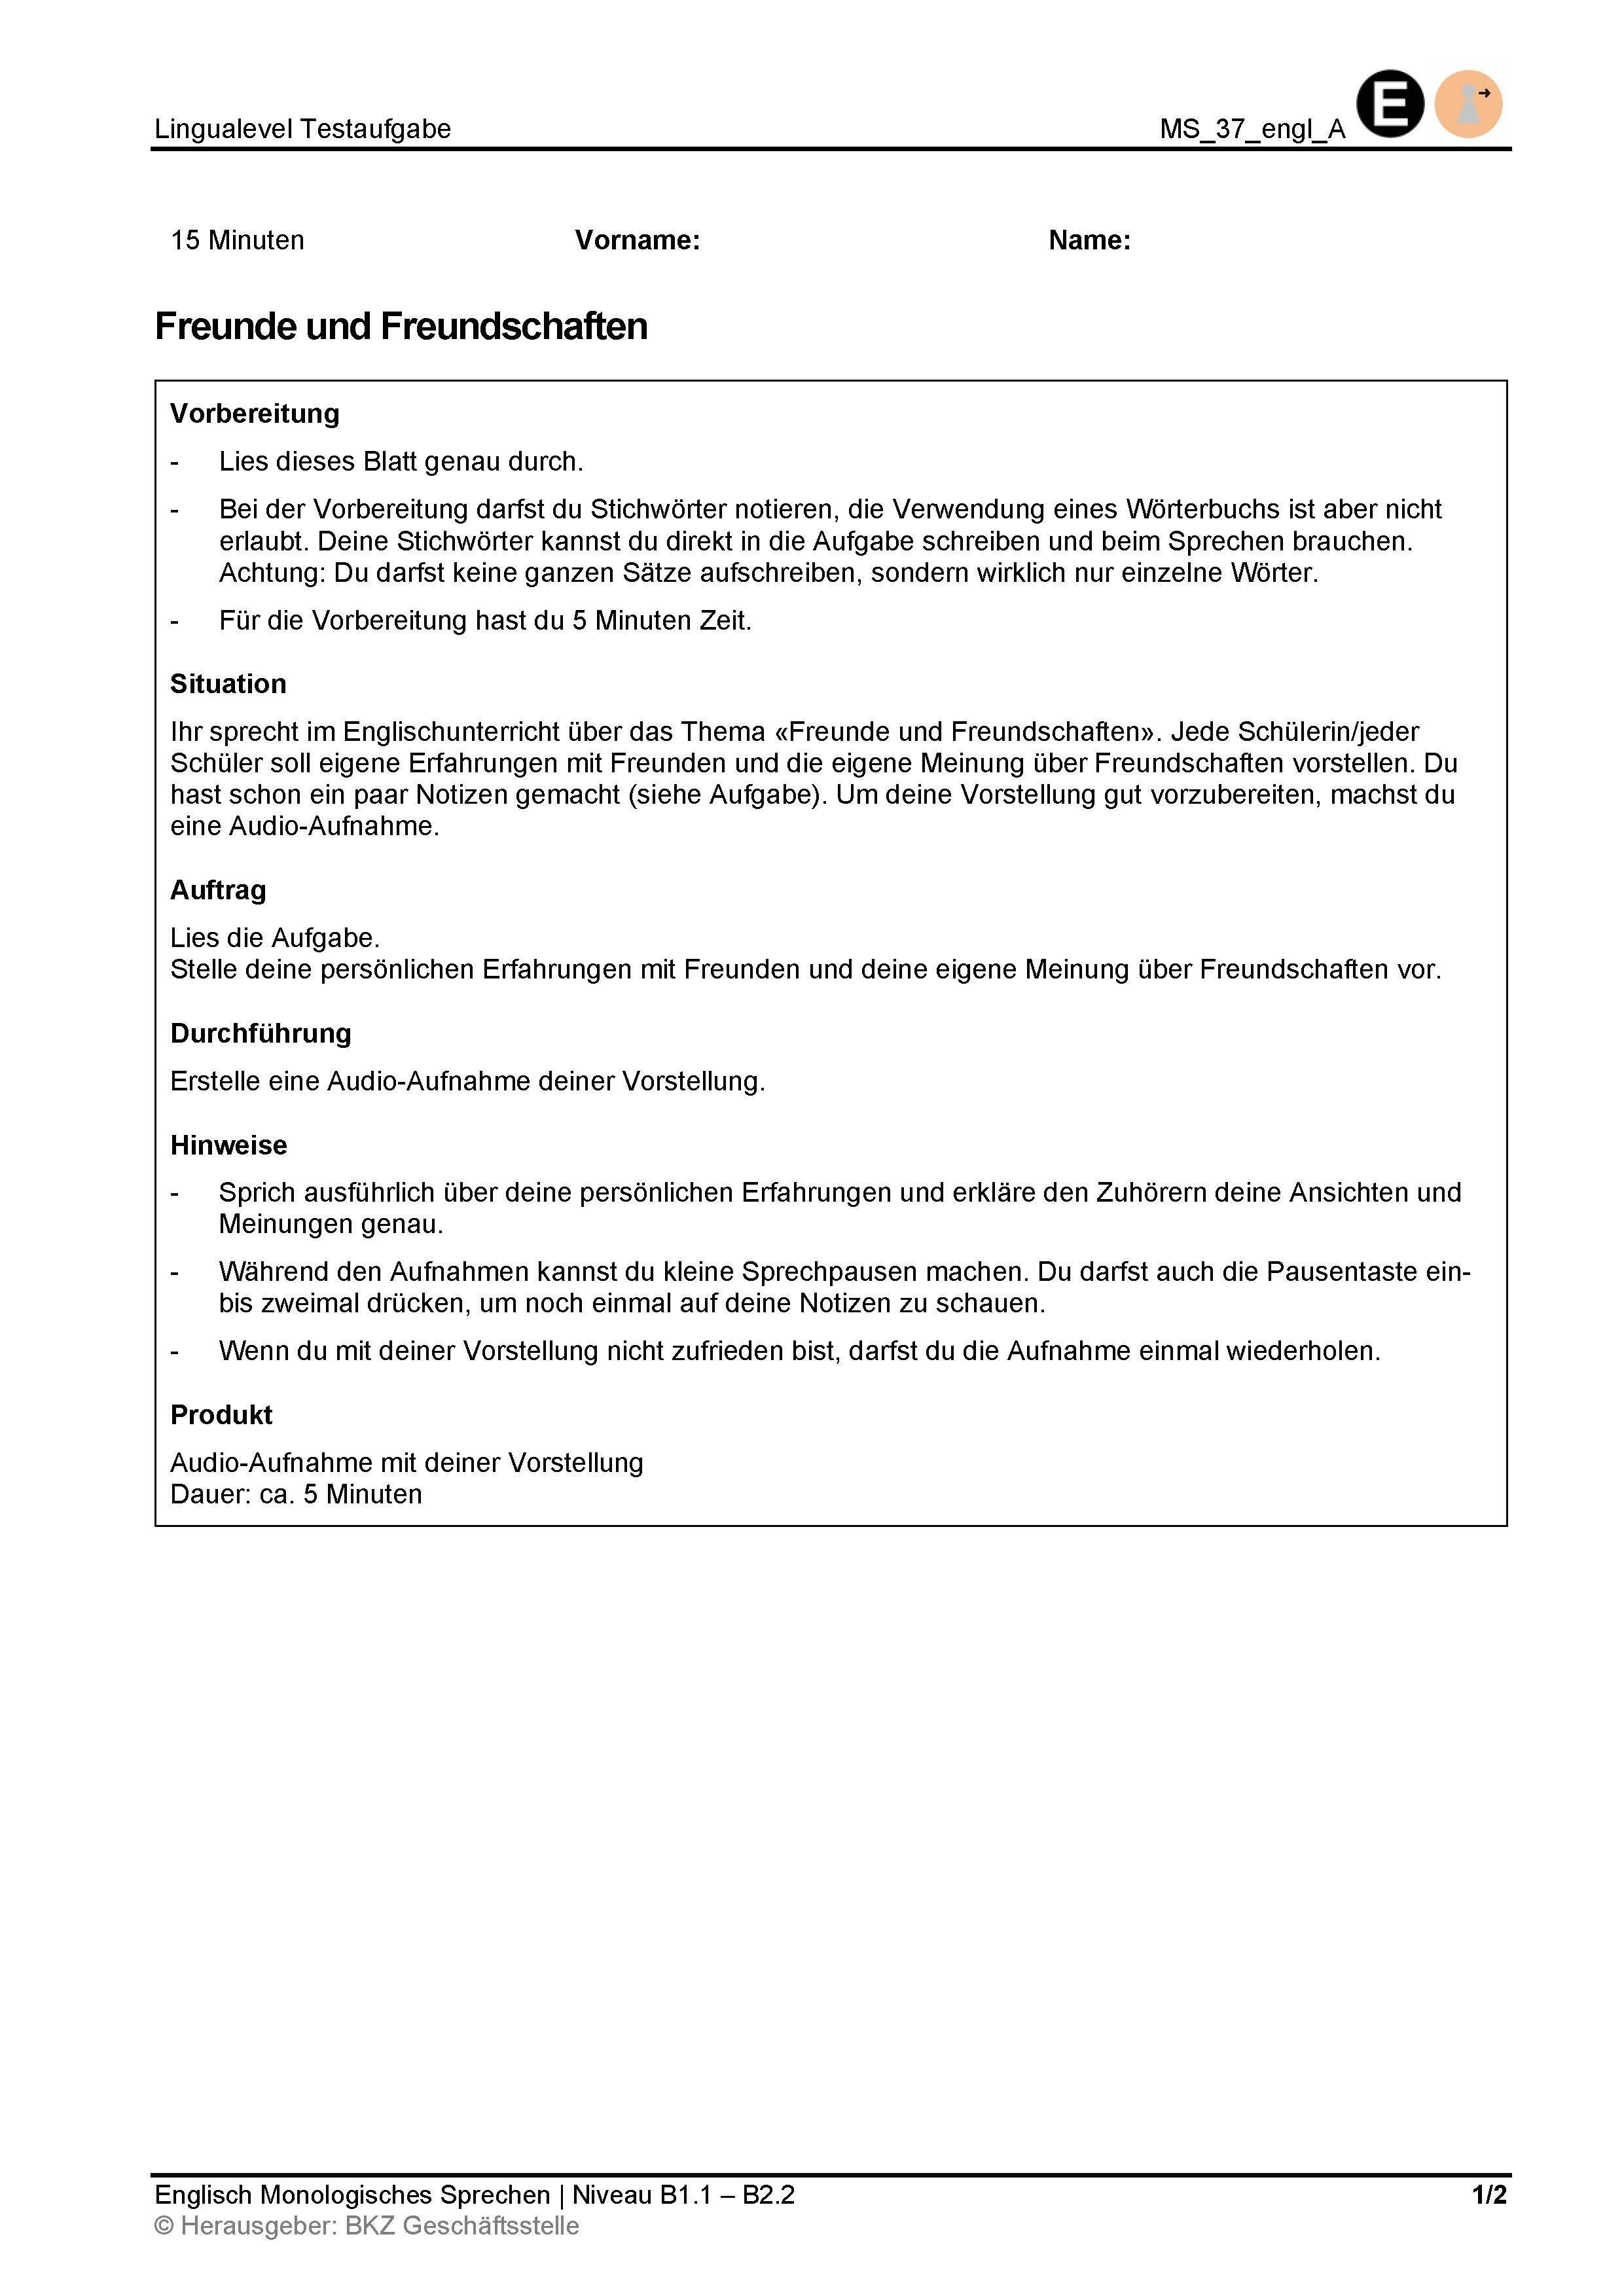 Preview image for LOM object Monologisches Sprechen: Freunde und Freundschaften